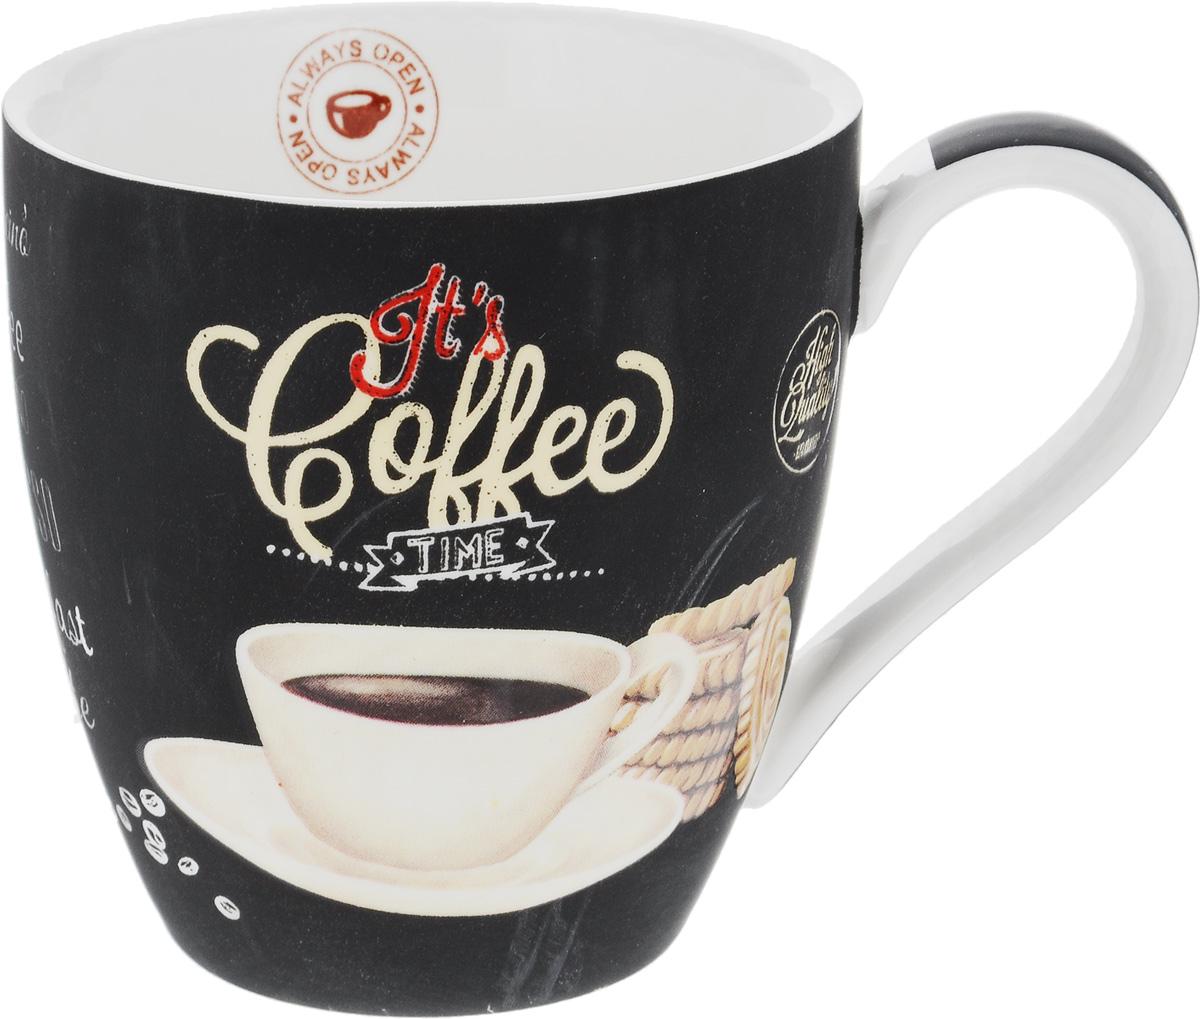 Кружка Nuova R2S Espresso, 350 млR2S1010/ICTW-ALКружка Nuova R2S Espresso изготовлена из высококачественного фарфора. Внешние стенки изделия оформлены рисунком в виде чашки кофе. Такая кружка станет неизменным атрибутом домашнего чаепития, а пить любимый напиток из нее будет еще приятнее. Можно использовать в СВЧ и мыть в посудомоечной машине. Диаметр (по верхнему краю): 9 см. Высота кружки: 9,5 см. Объем: 350 мл.